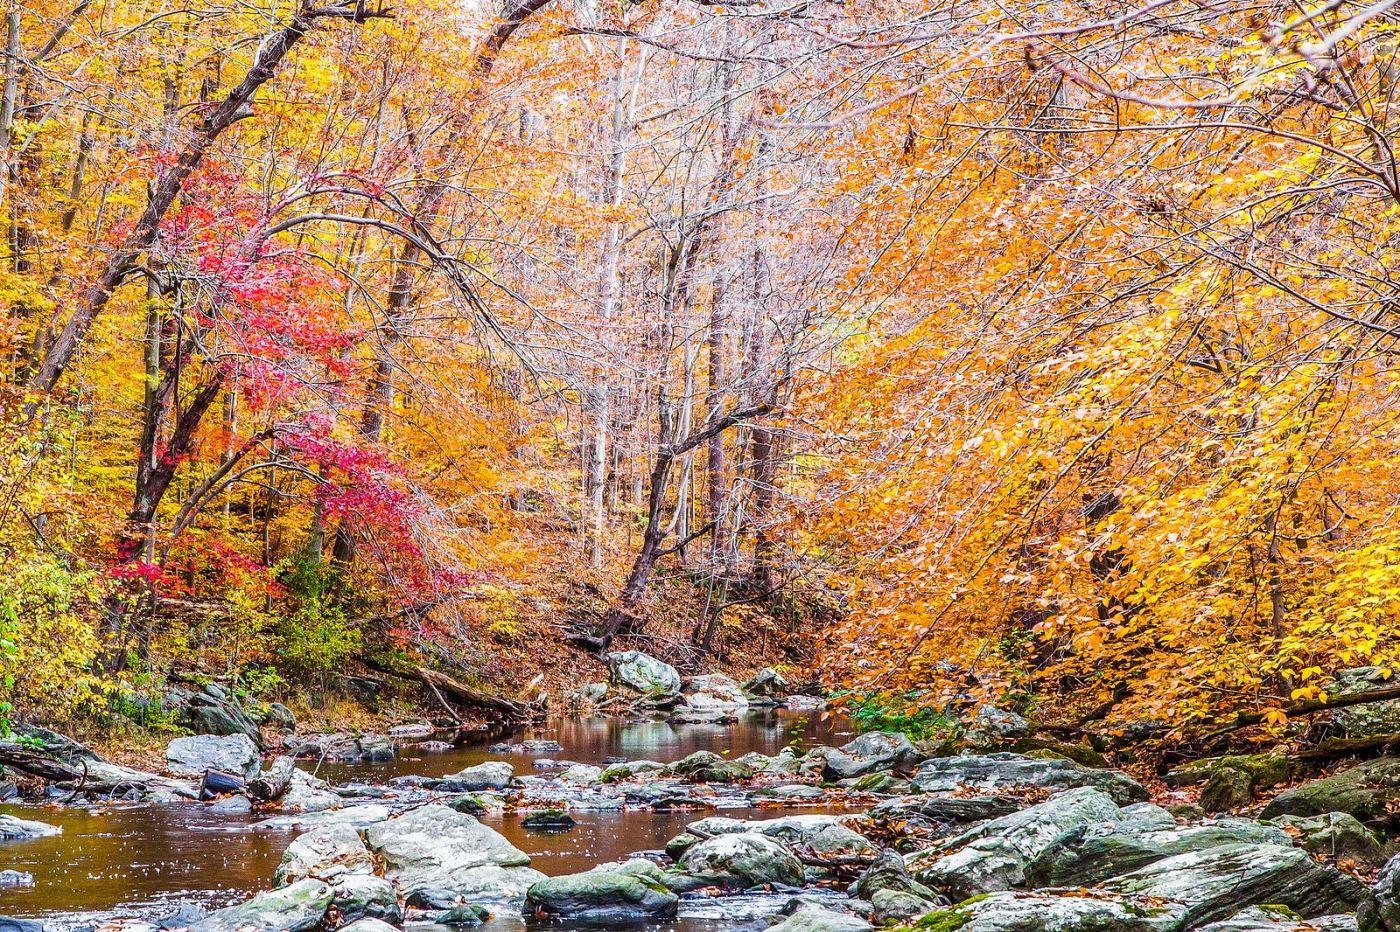 宾州雷德利克里克公园(Ridley creek park),迷人的秋色_图1-20